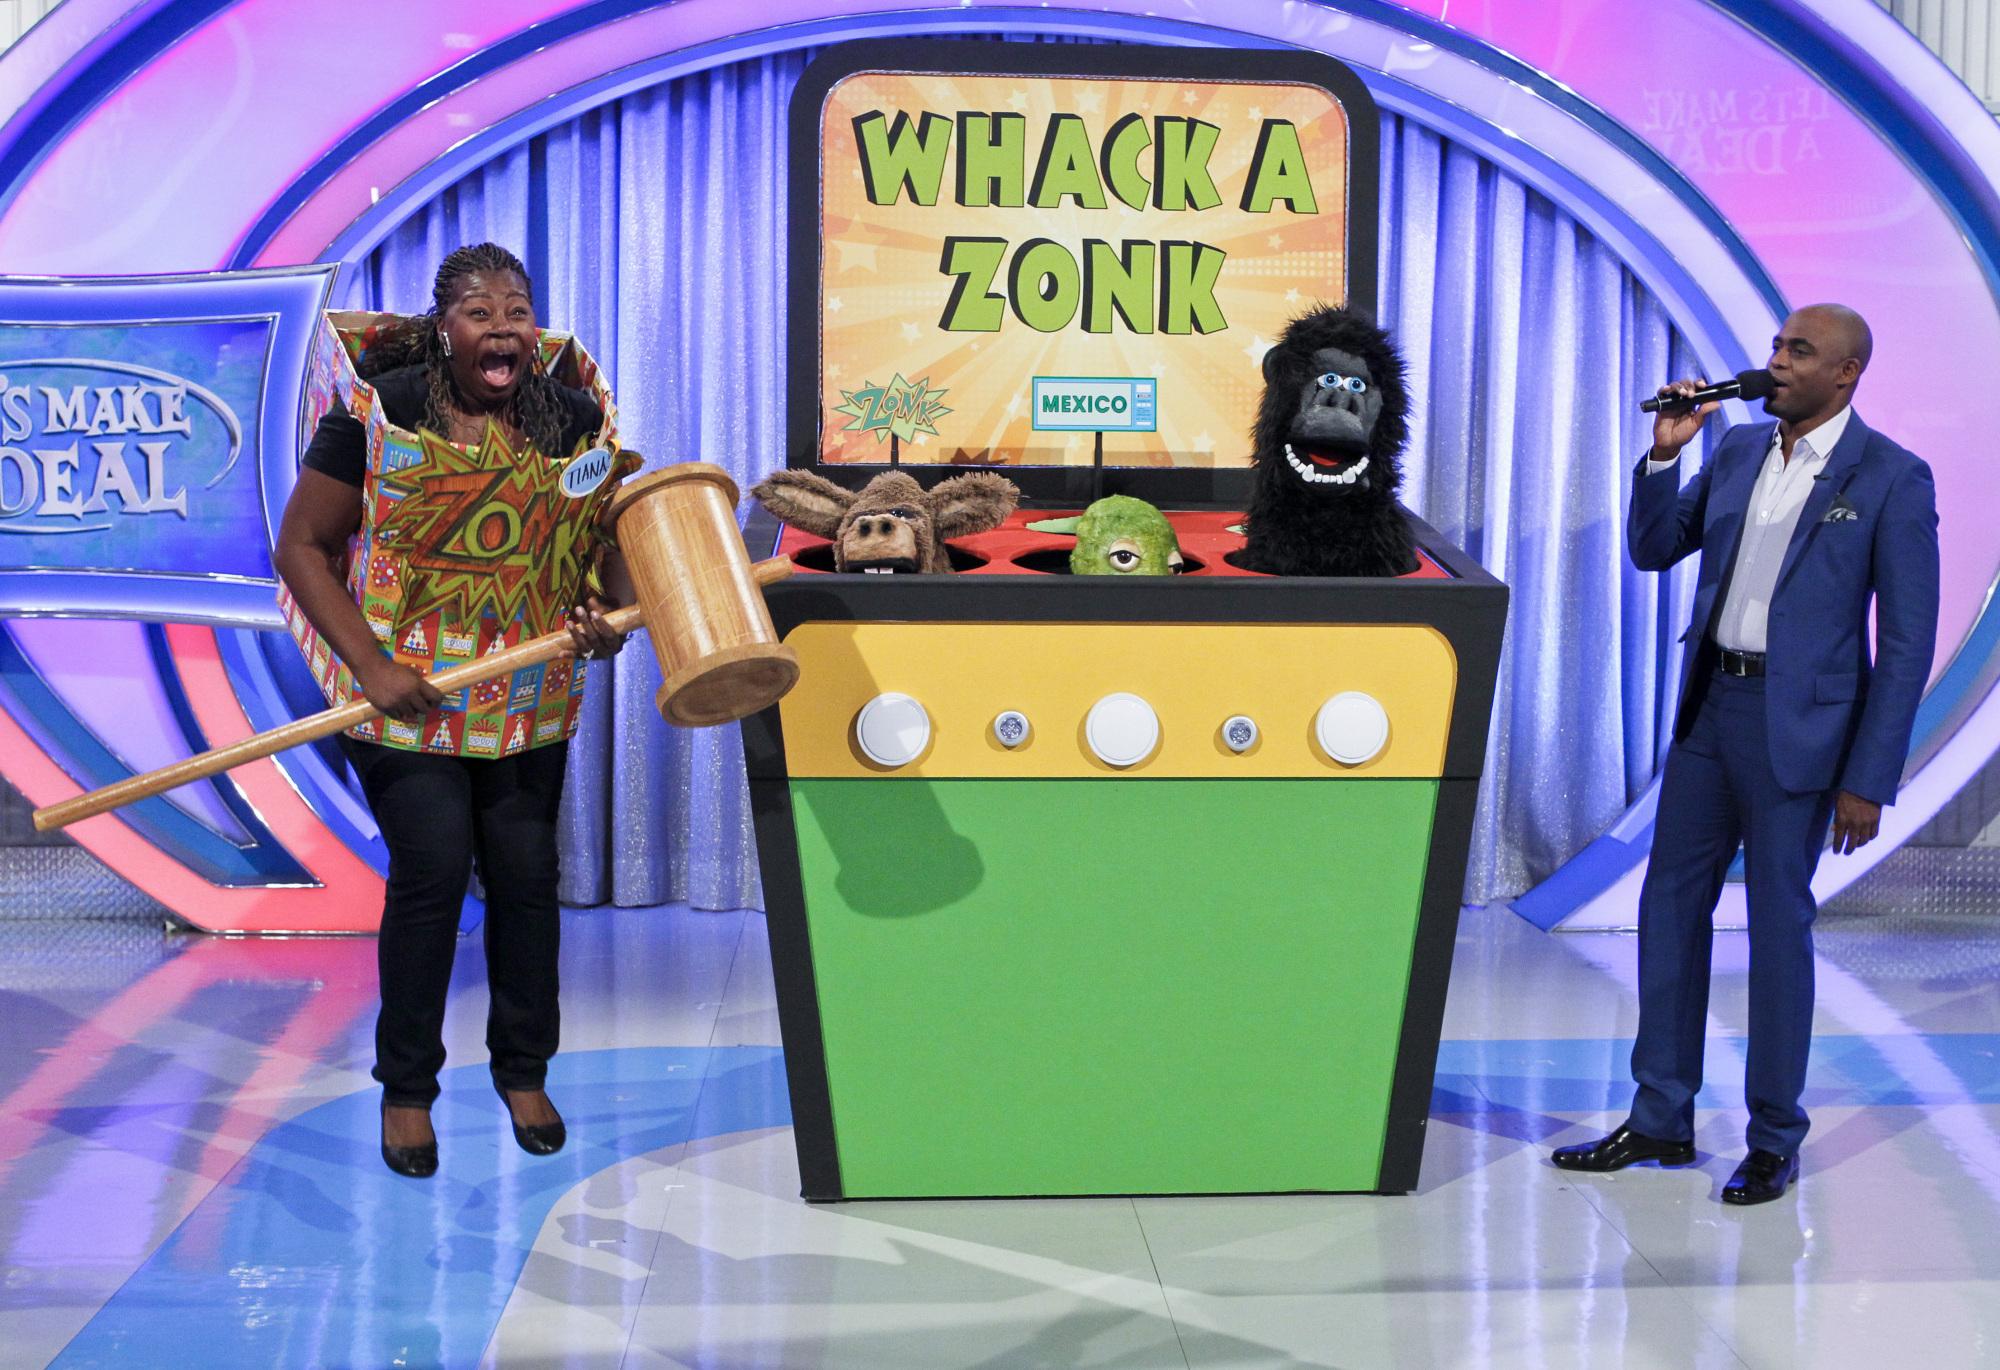 Whack a Zonk!